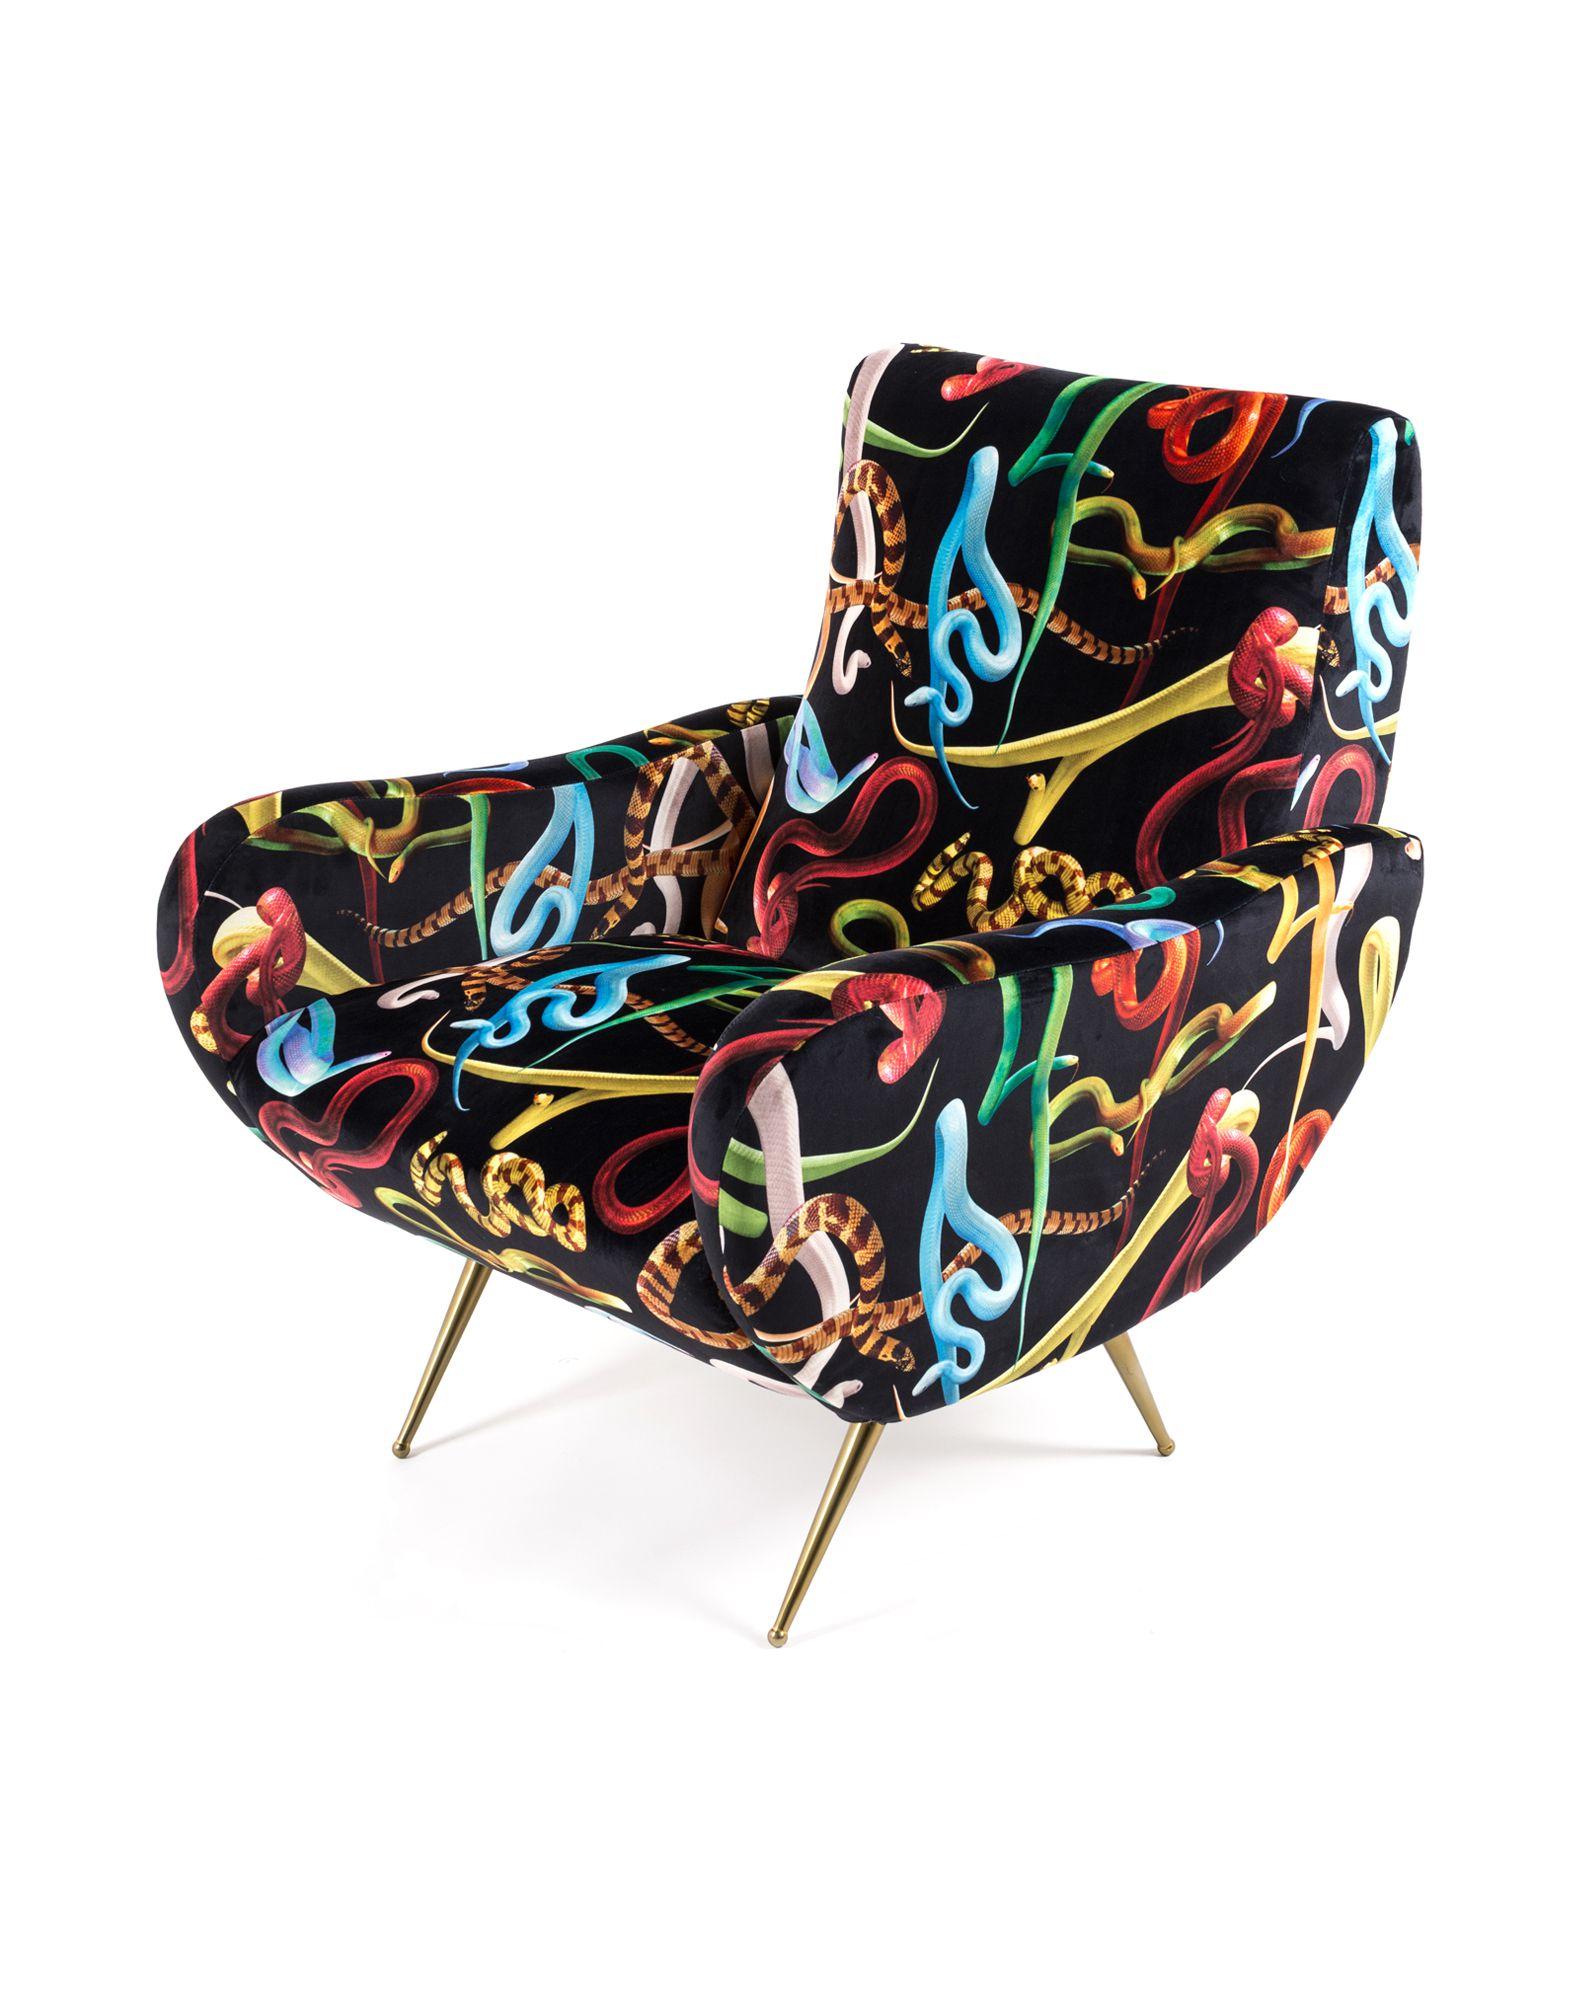 SELETTI WEARS TOILETPAPER Unisex Sessel Farbe Schwarz Größe 1 jetztbilligerkaufen